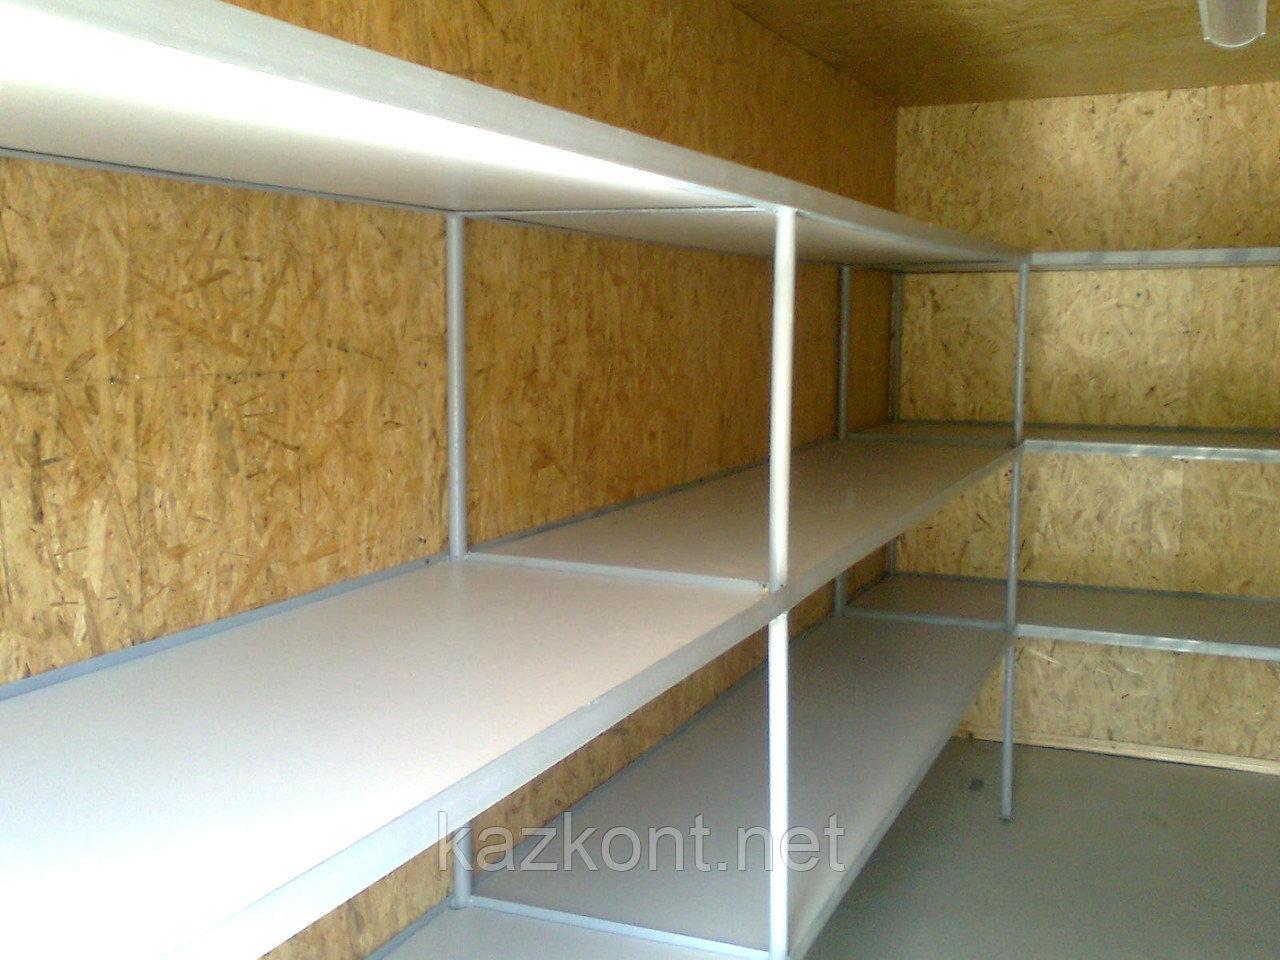 Складские блок контейнеры в Алматы!